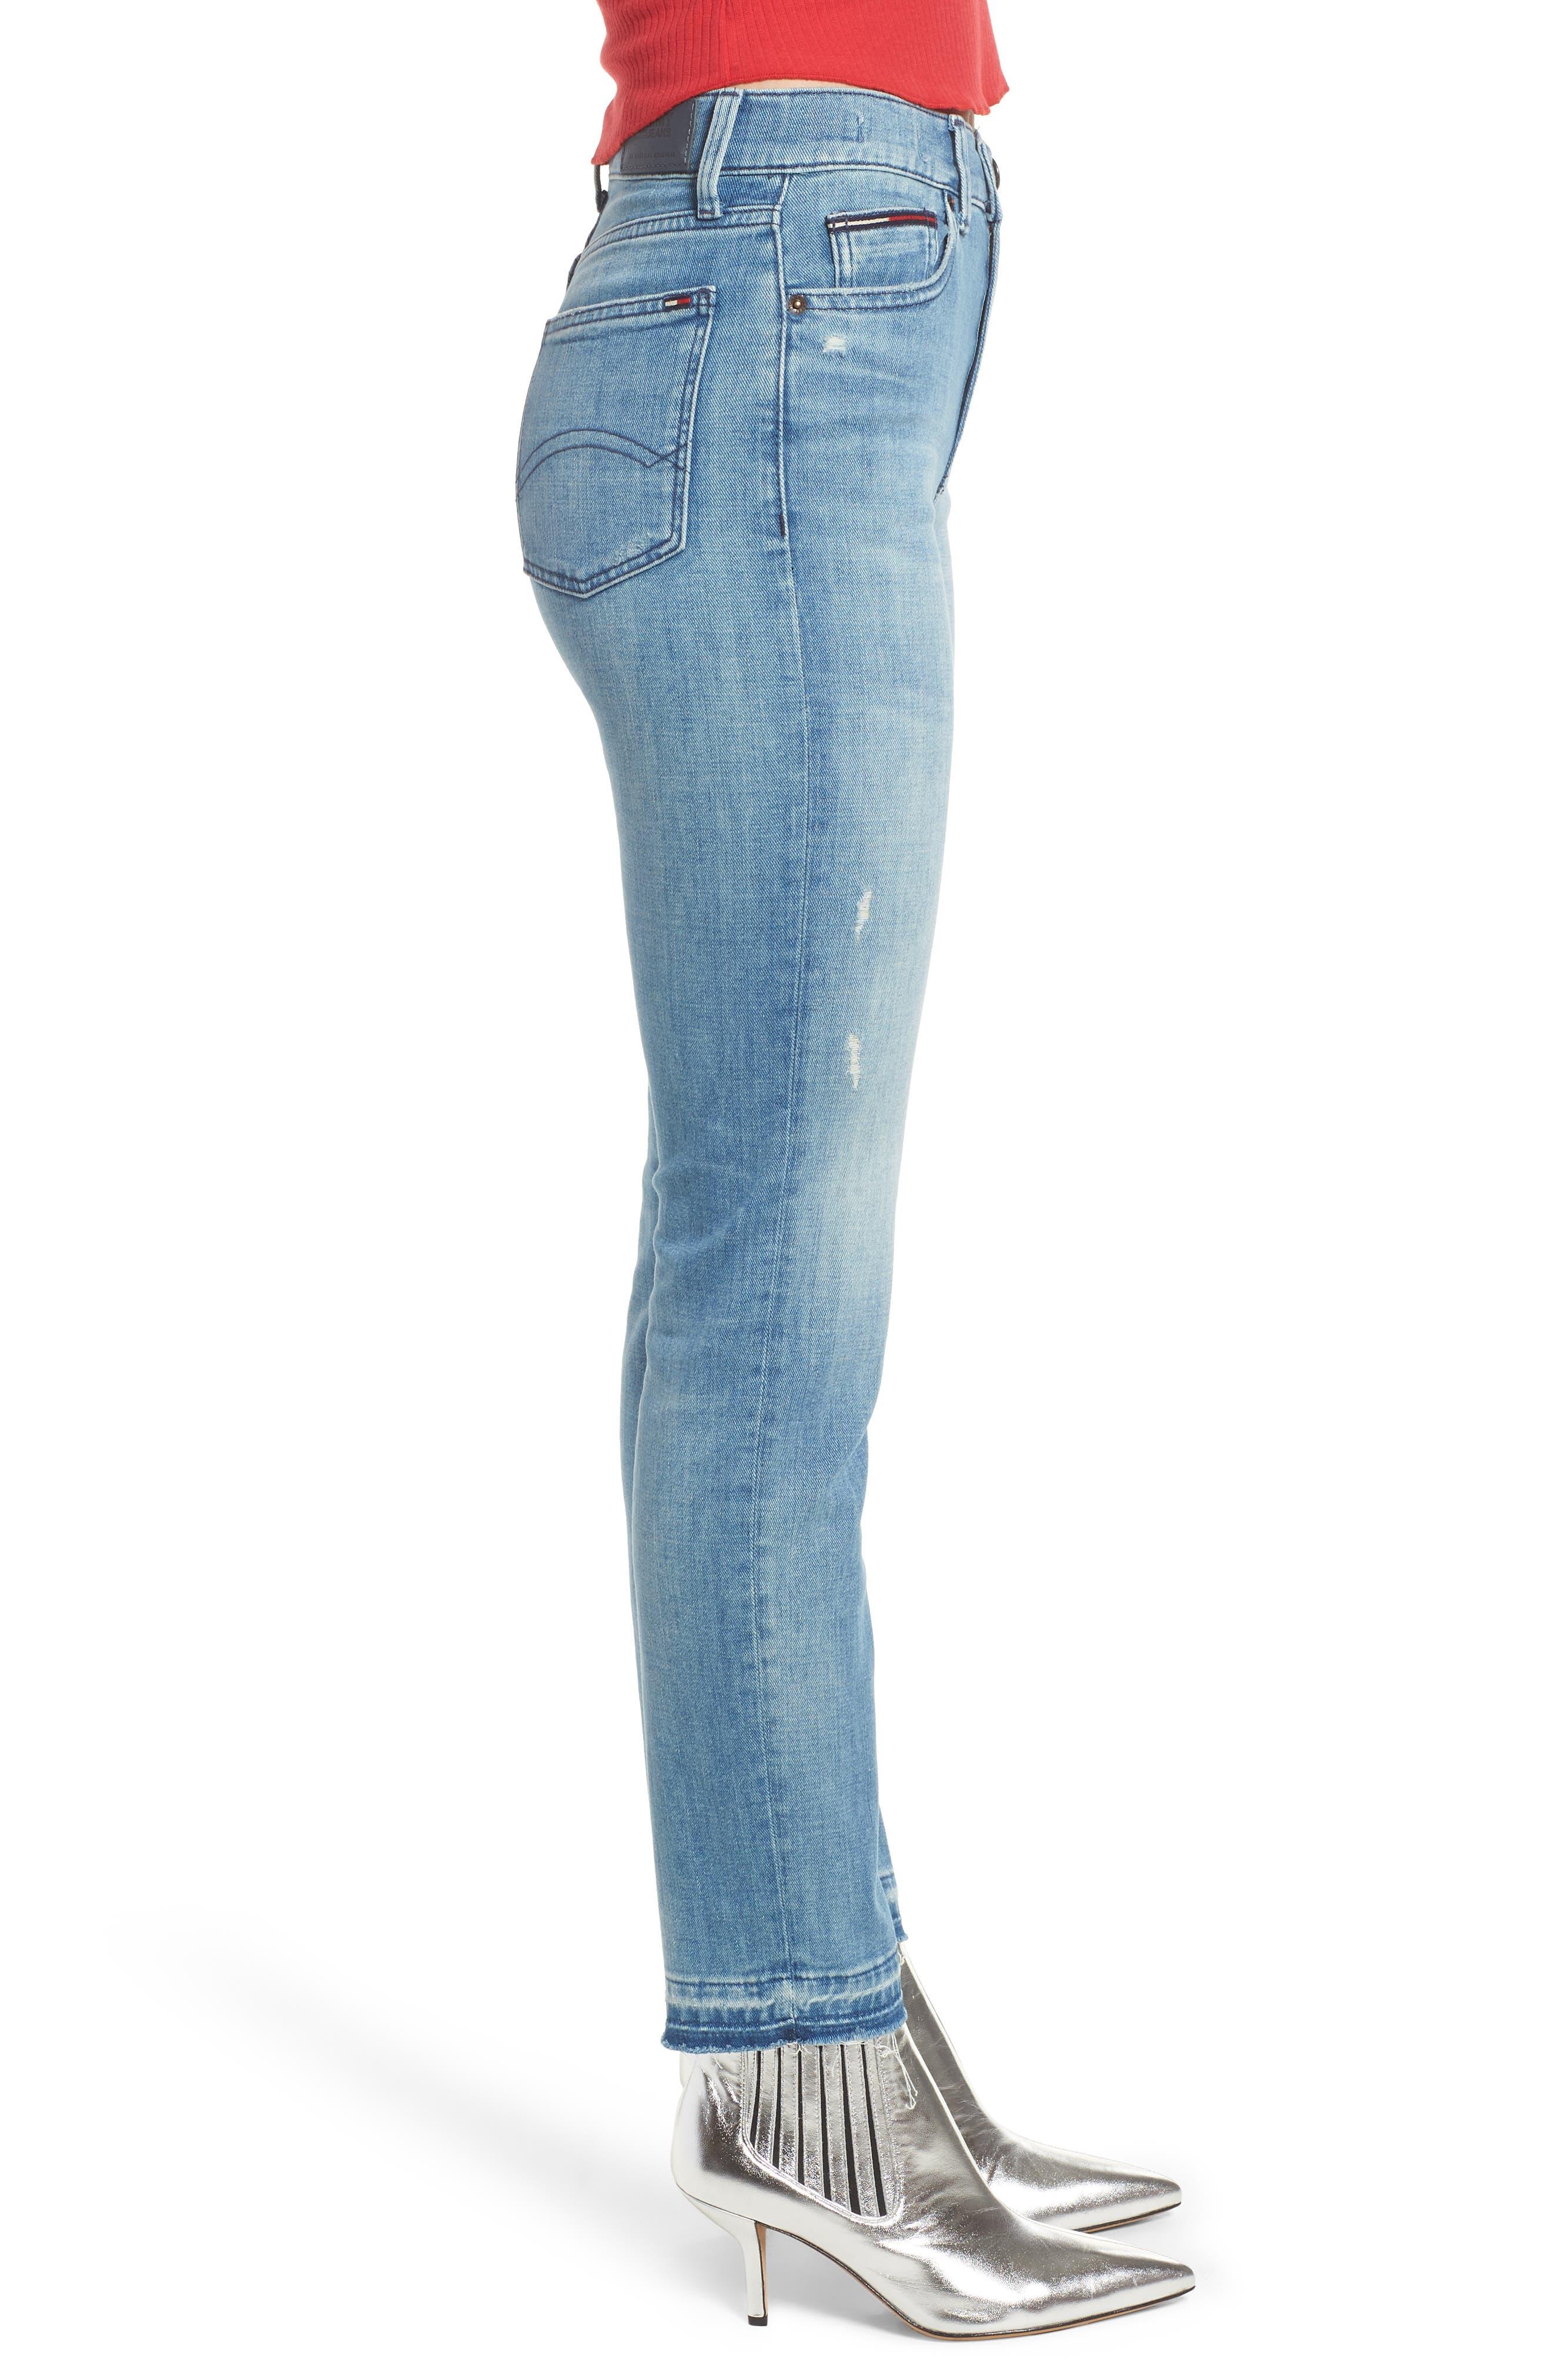 Izzy High Waist Slim Leg Jeans,                             Alternate thumbnail 3, color,                             Denver Light Blue Comfort